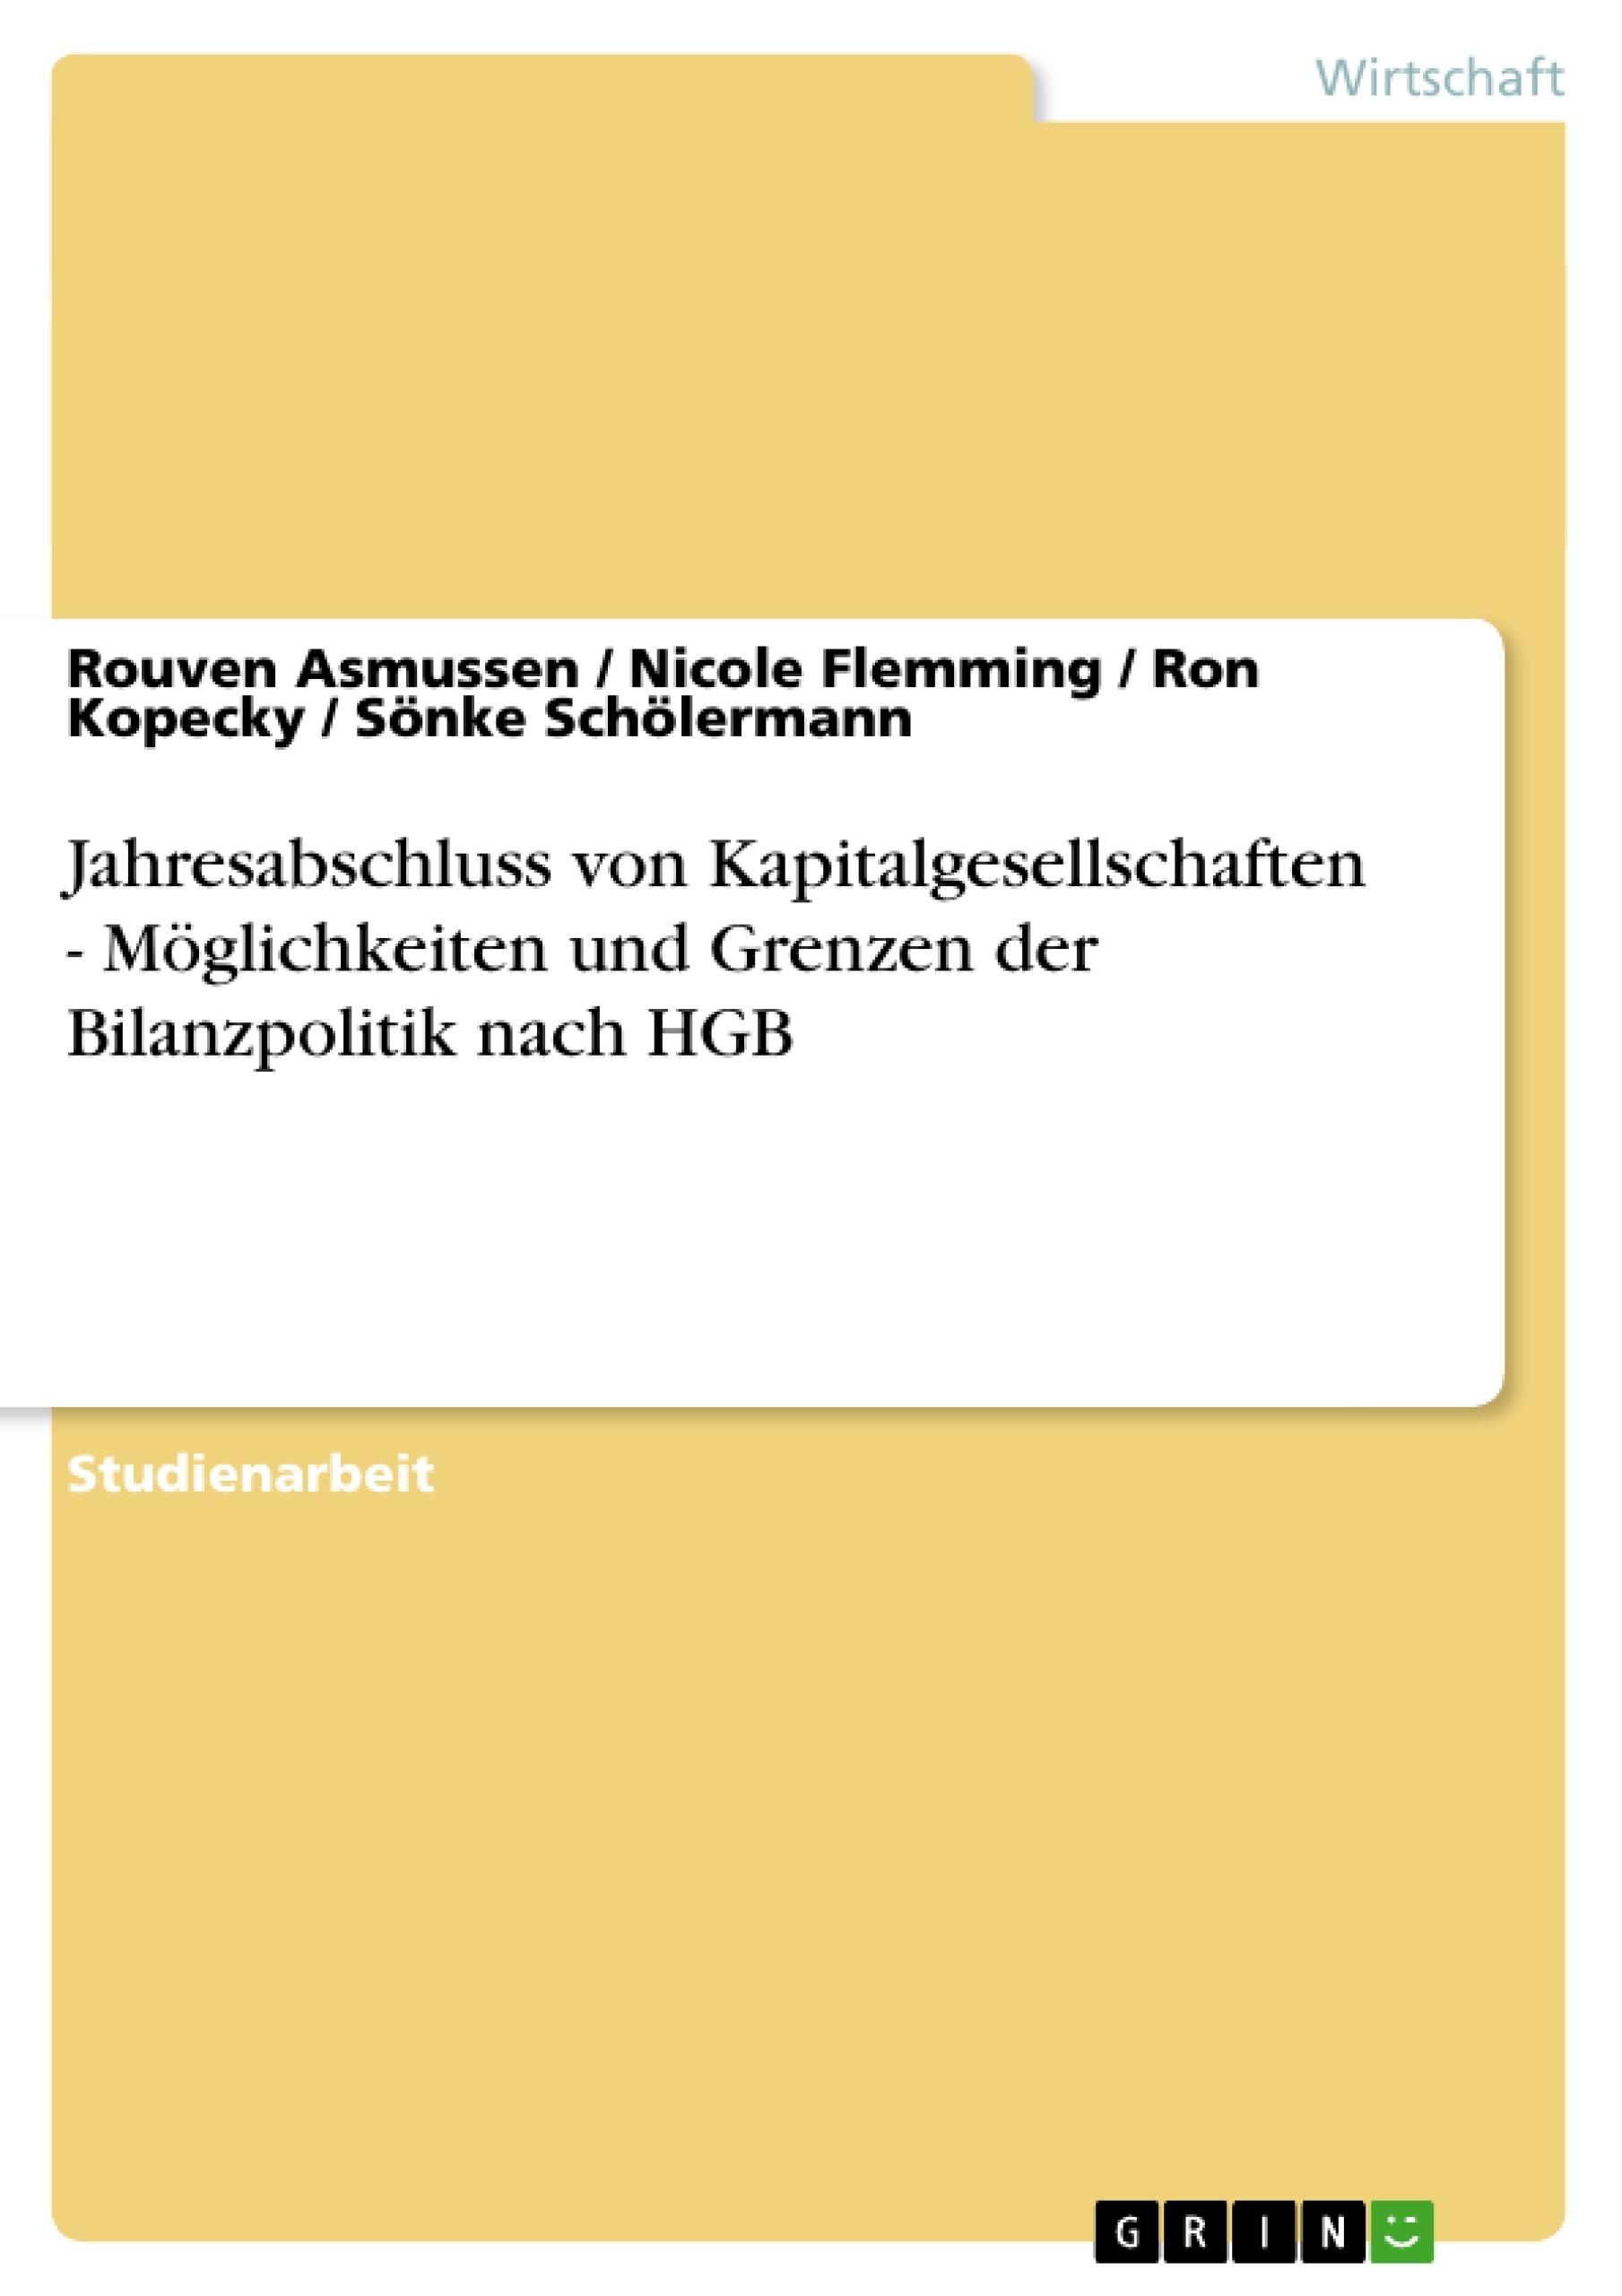 Titel: Jahresabschluss von Kapitalgesellschaften - Möglichkeiten und Grenzen der Bilanzpolitik nach HGB